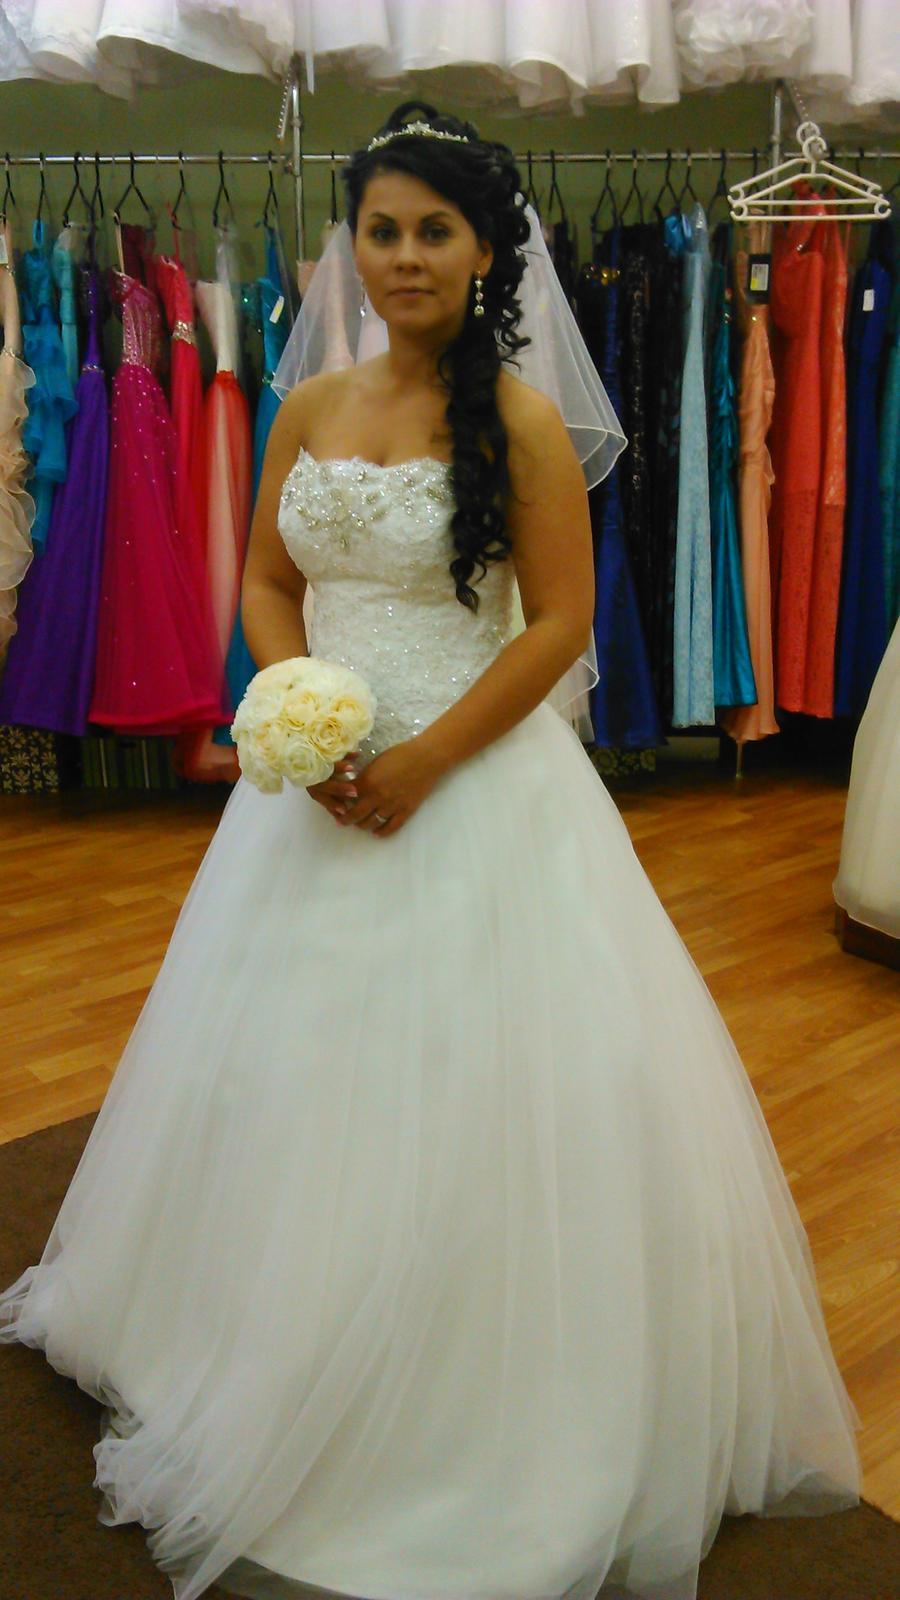 Mam tyzden pred svadbou... - Obrázok č. 2